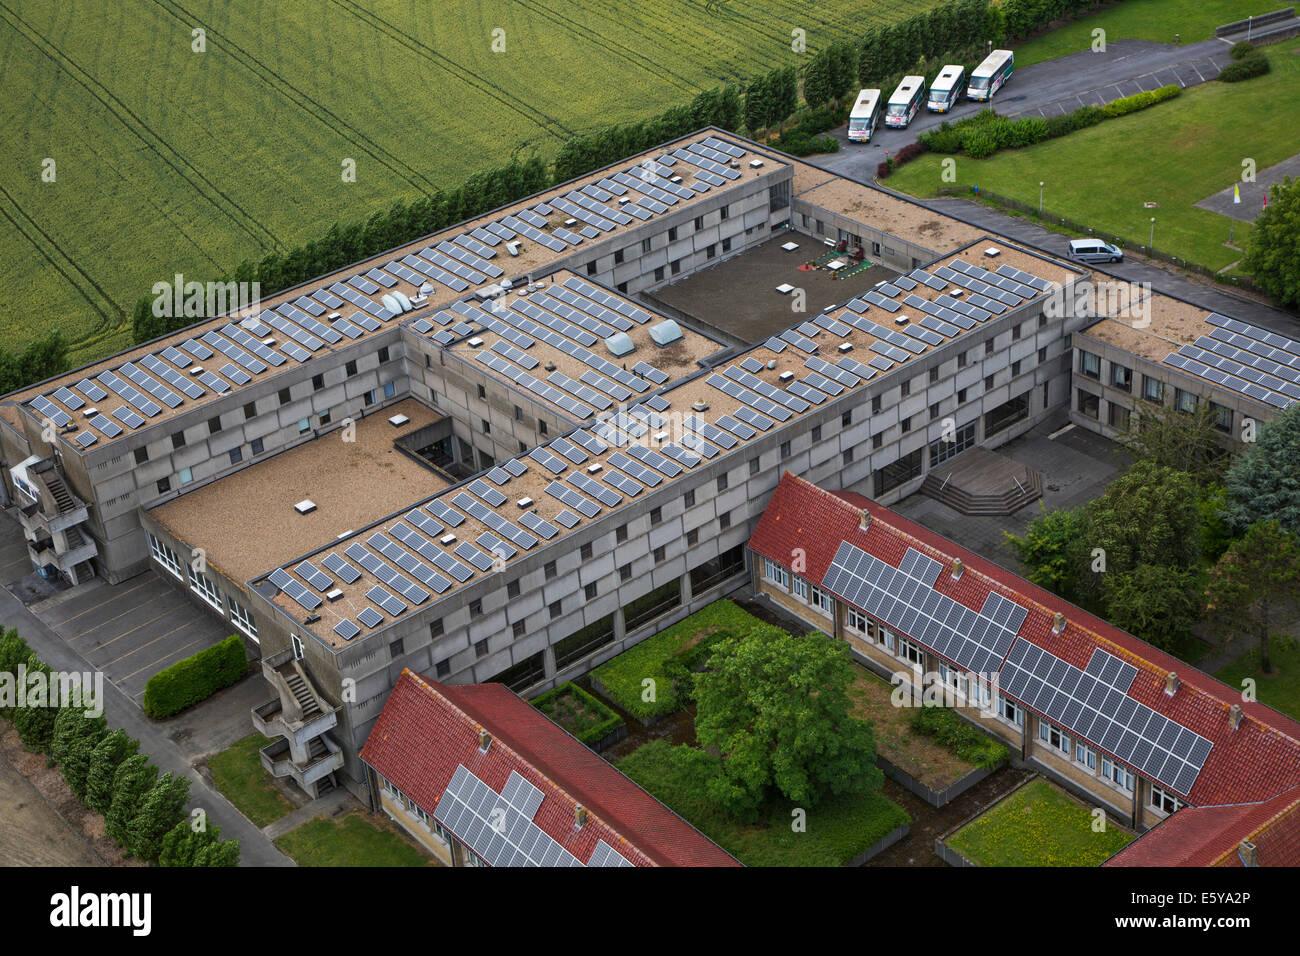 Los paneles solares fotovoltaicos en el techo de suministro de electricidad con energía solar para edificios Imagen De Stock